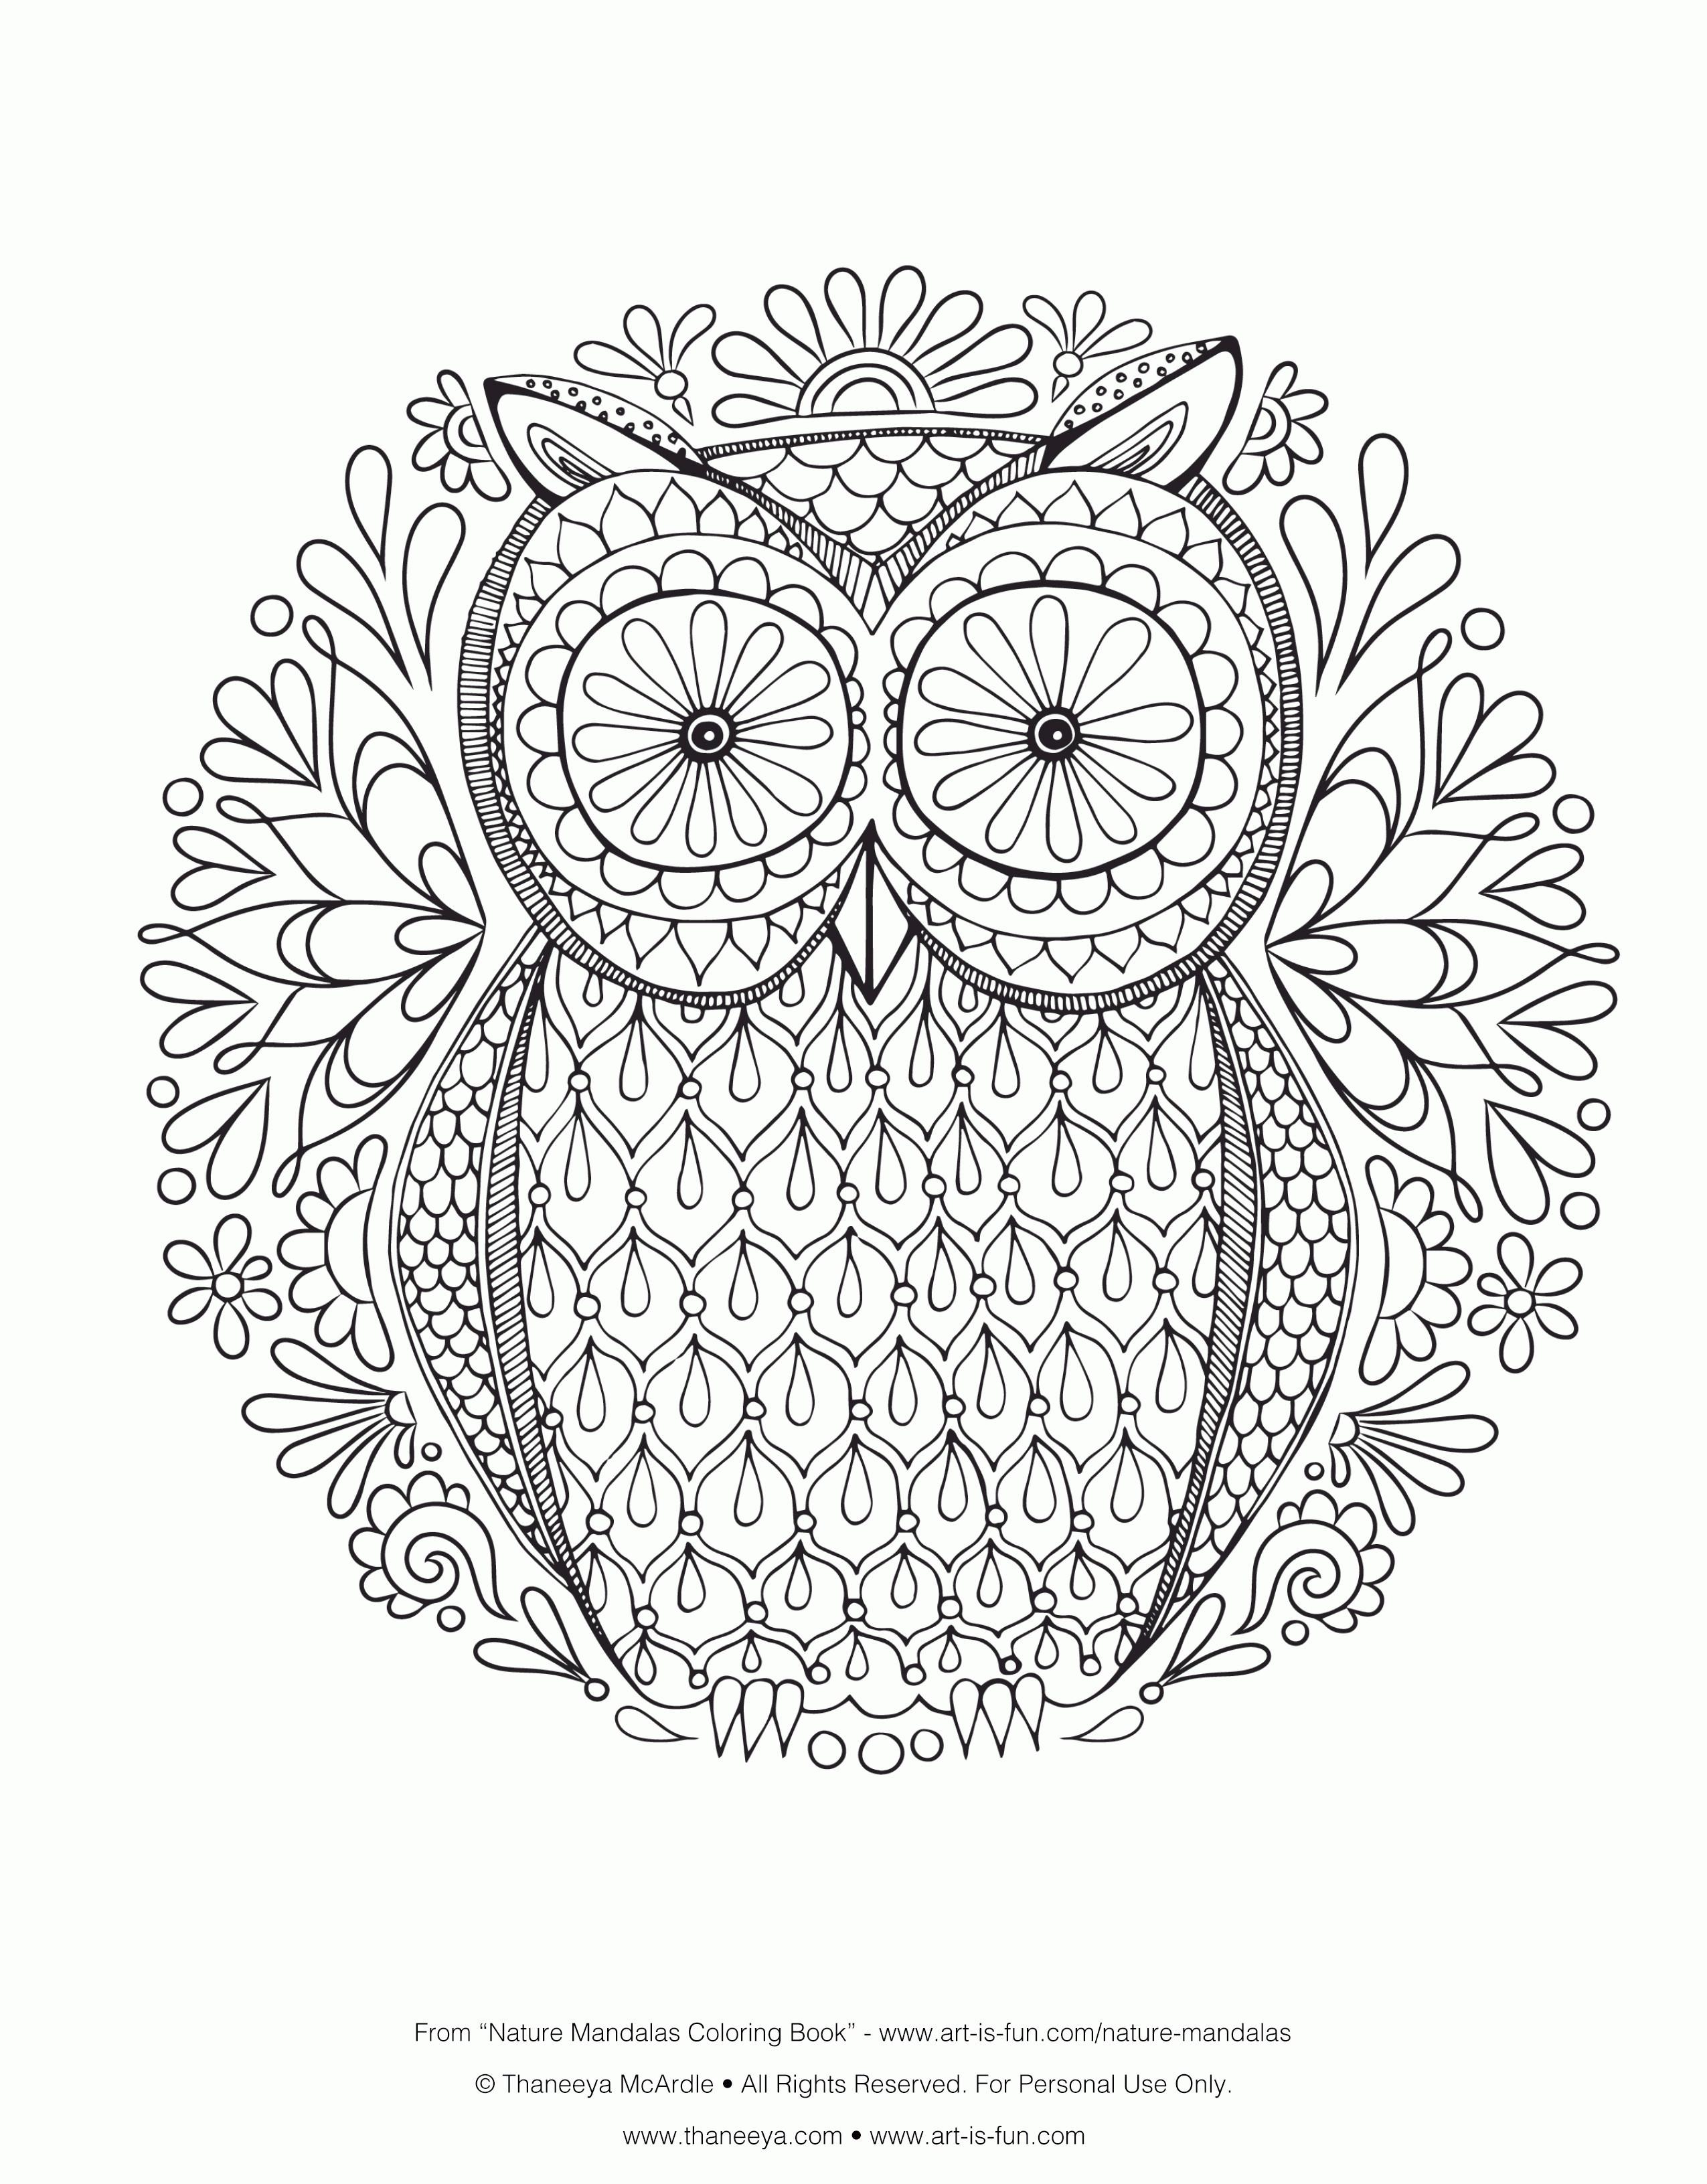 Mandala Für Erwachsene Zum Ausdrucken Kostenlos Einzigartig 100 Schöne Ausmalbilder Für Erwachsene Bilder Ideen Stock